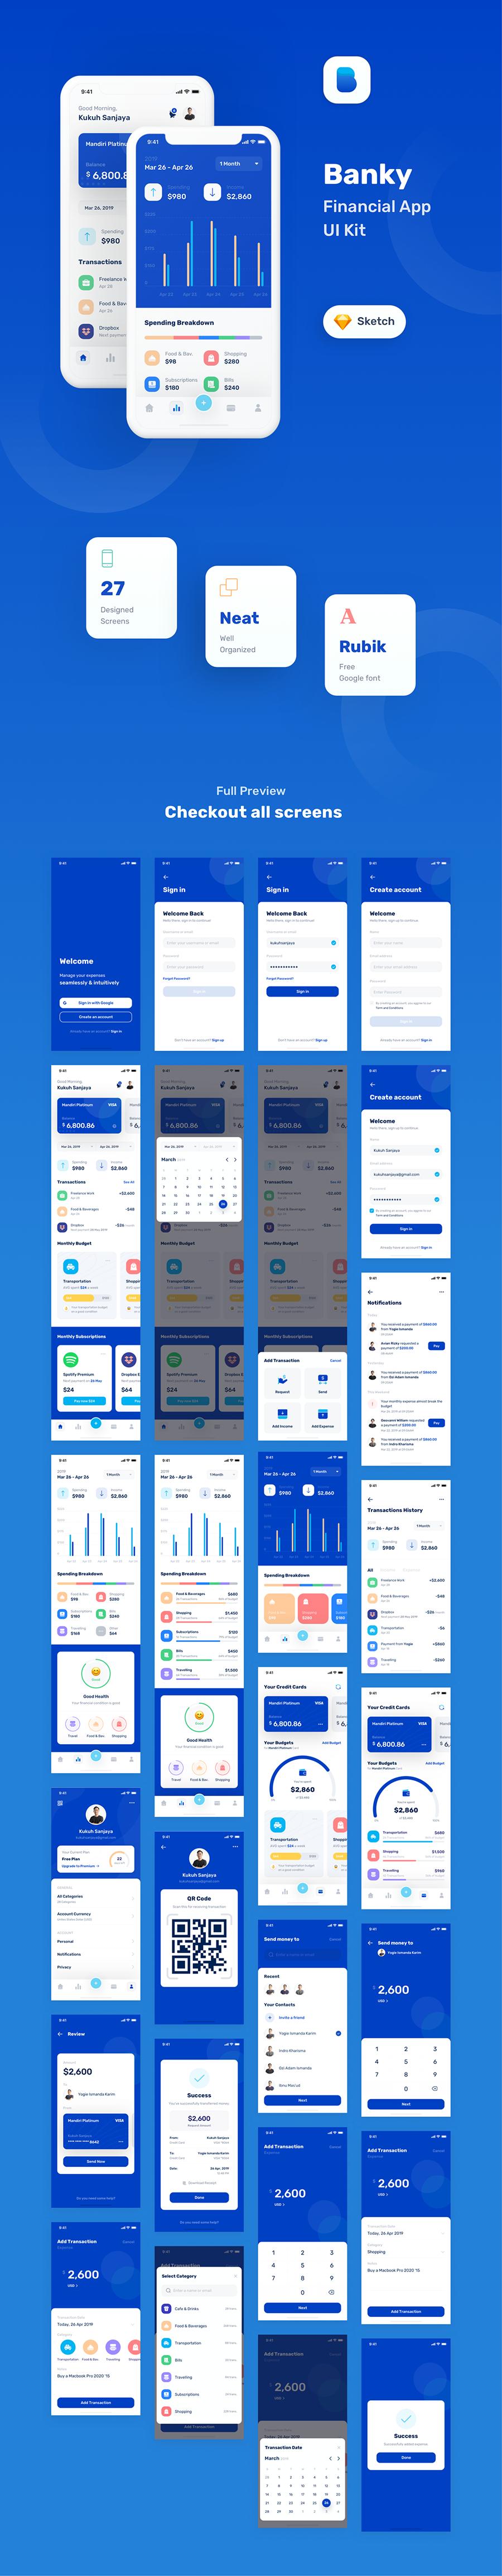 金融套装模板下载 iOS Ui app设计UI素材Banky - Finance App UI Kit